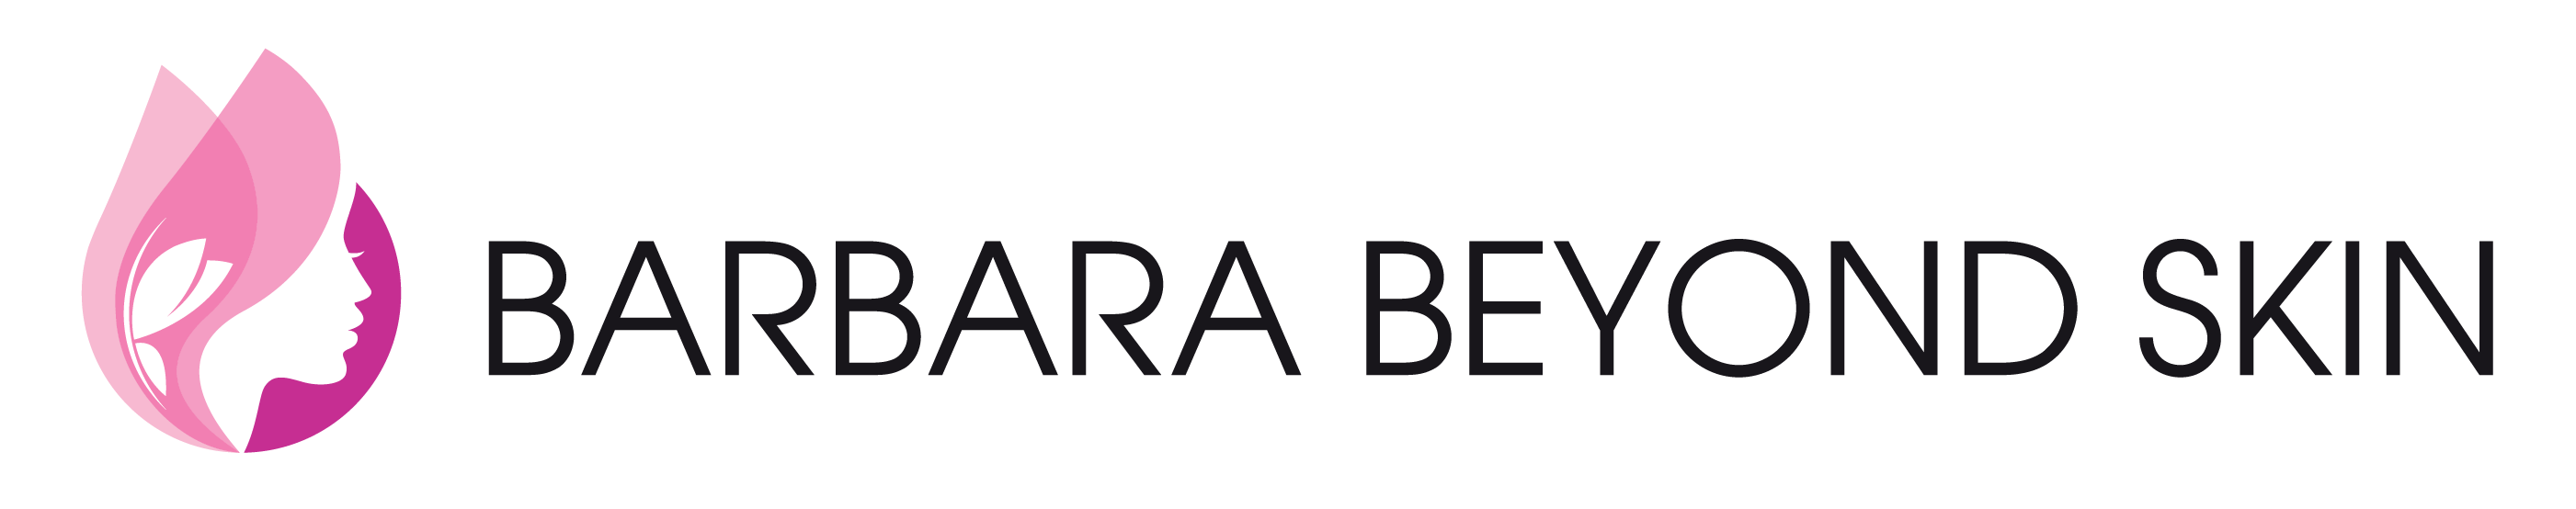 Barbara Beyond Skin